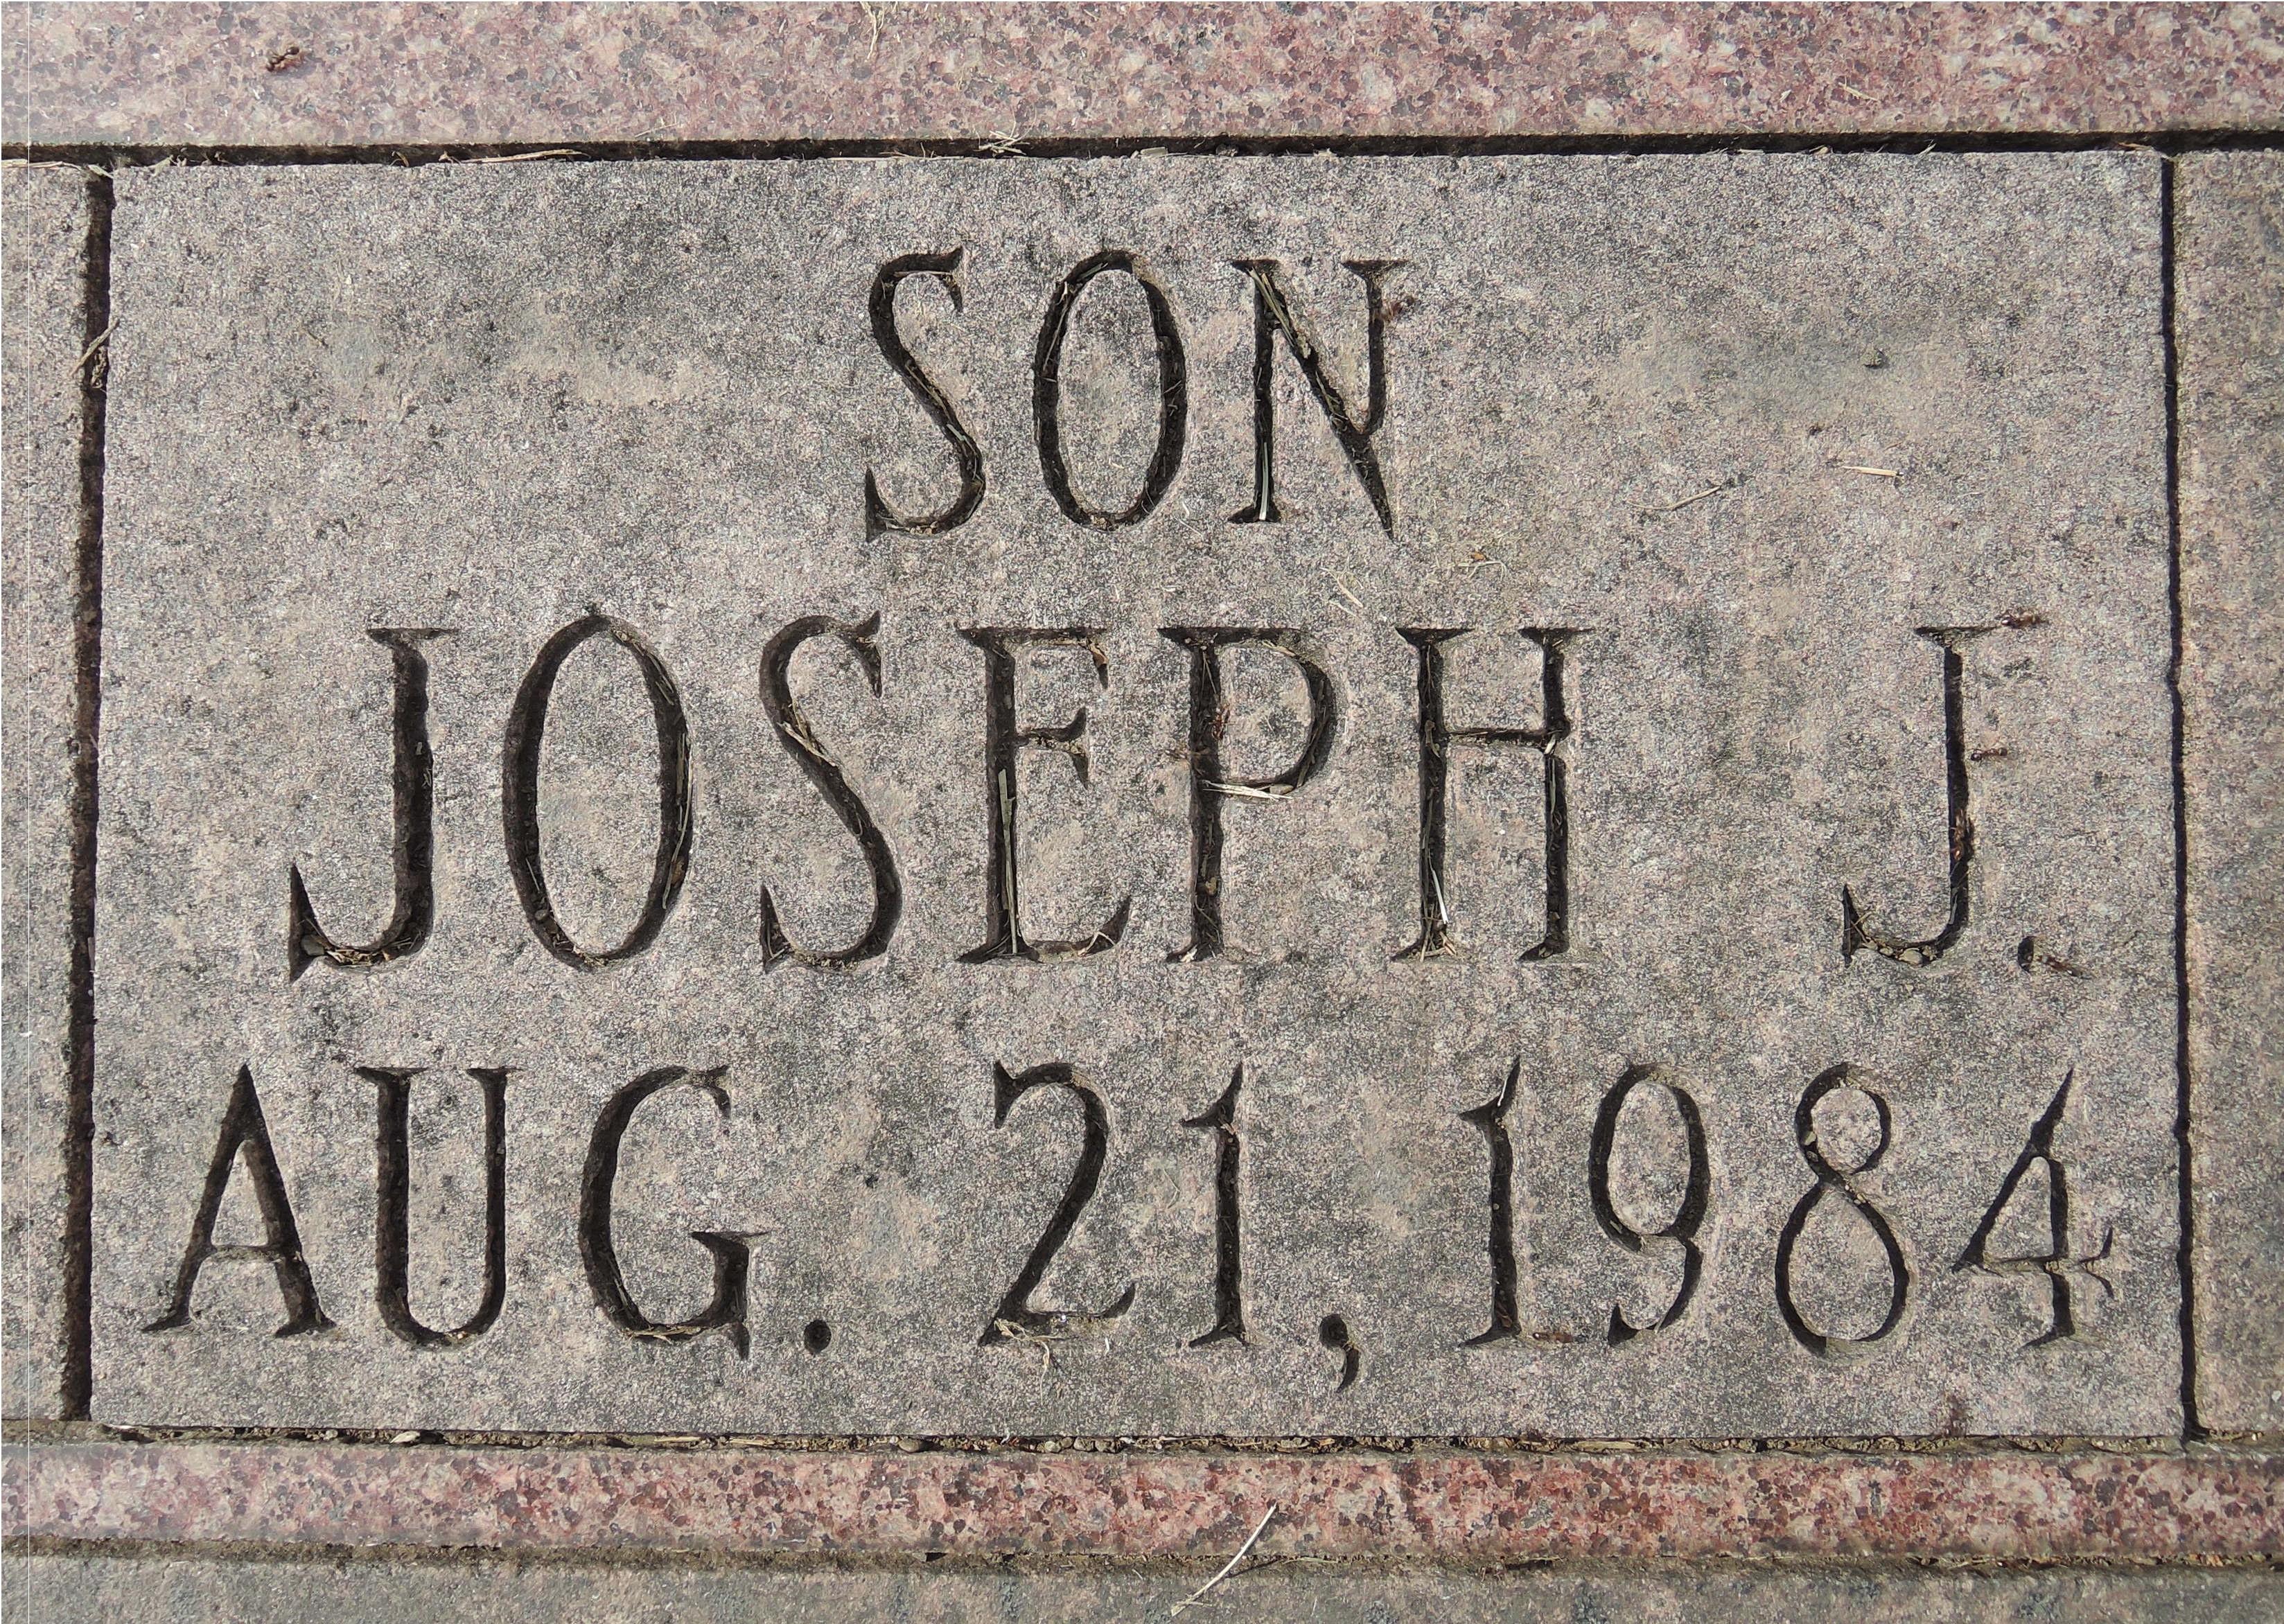 Joseph John Merkum